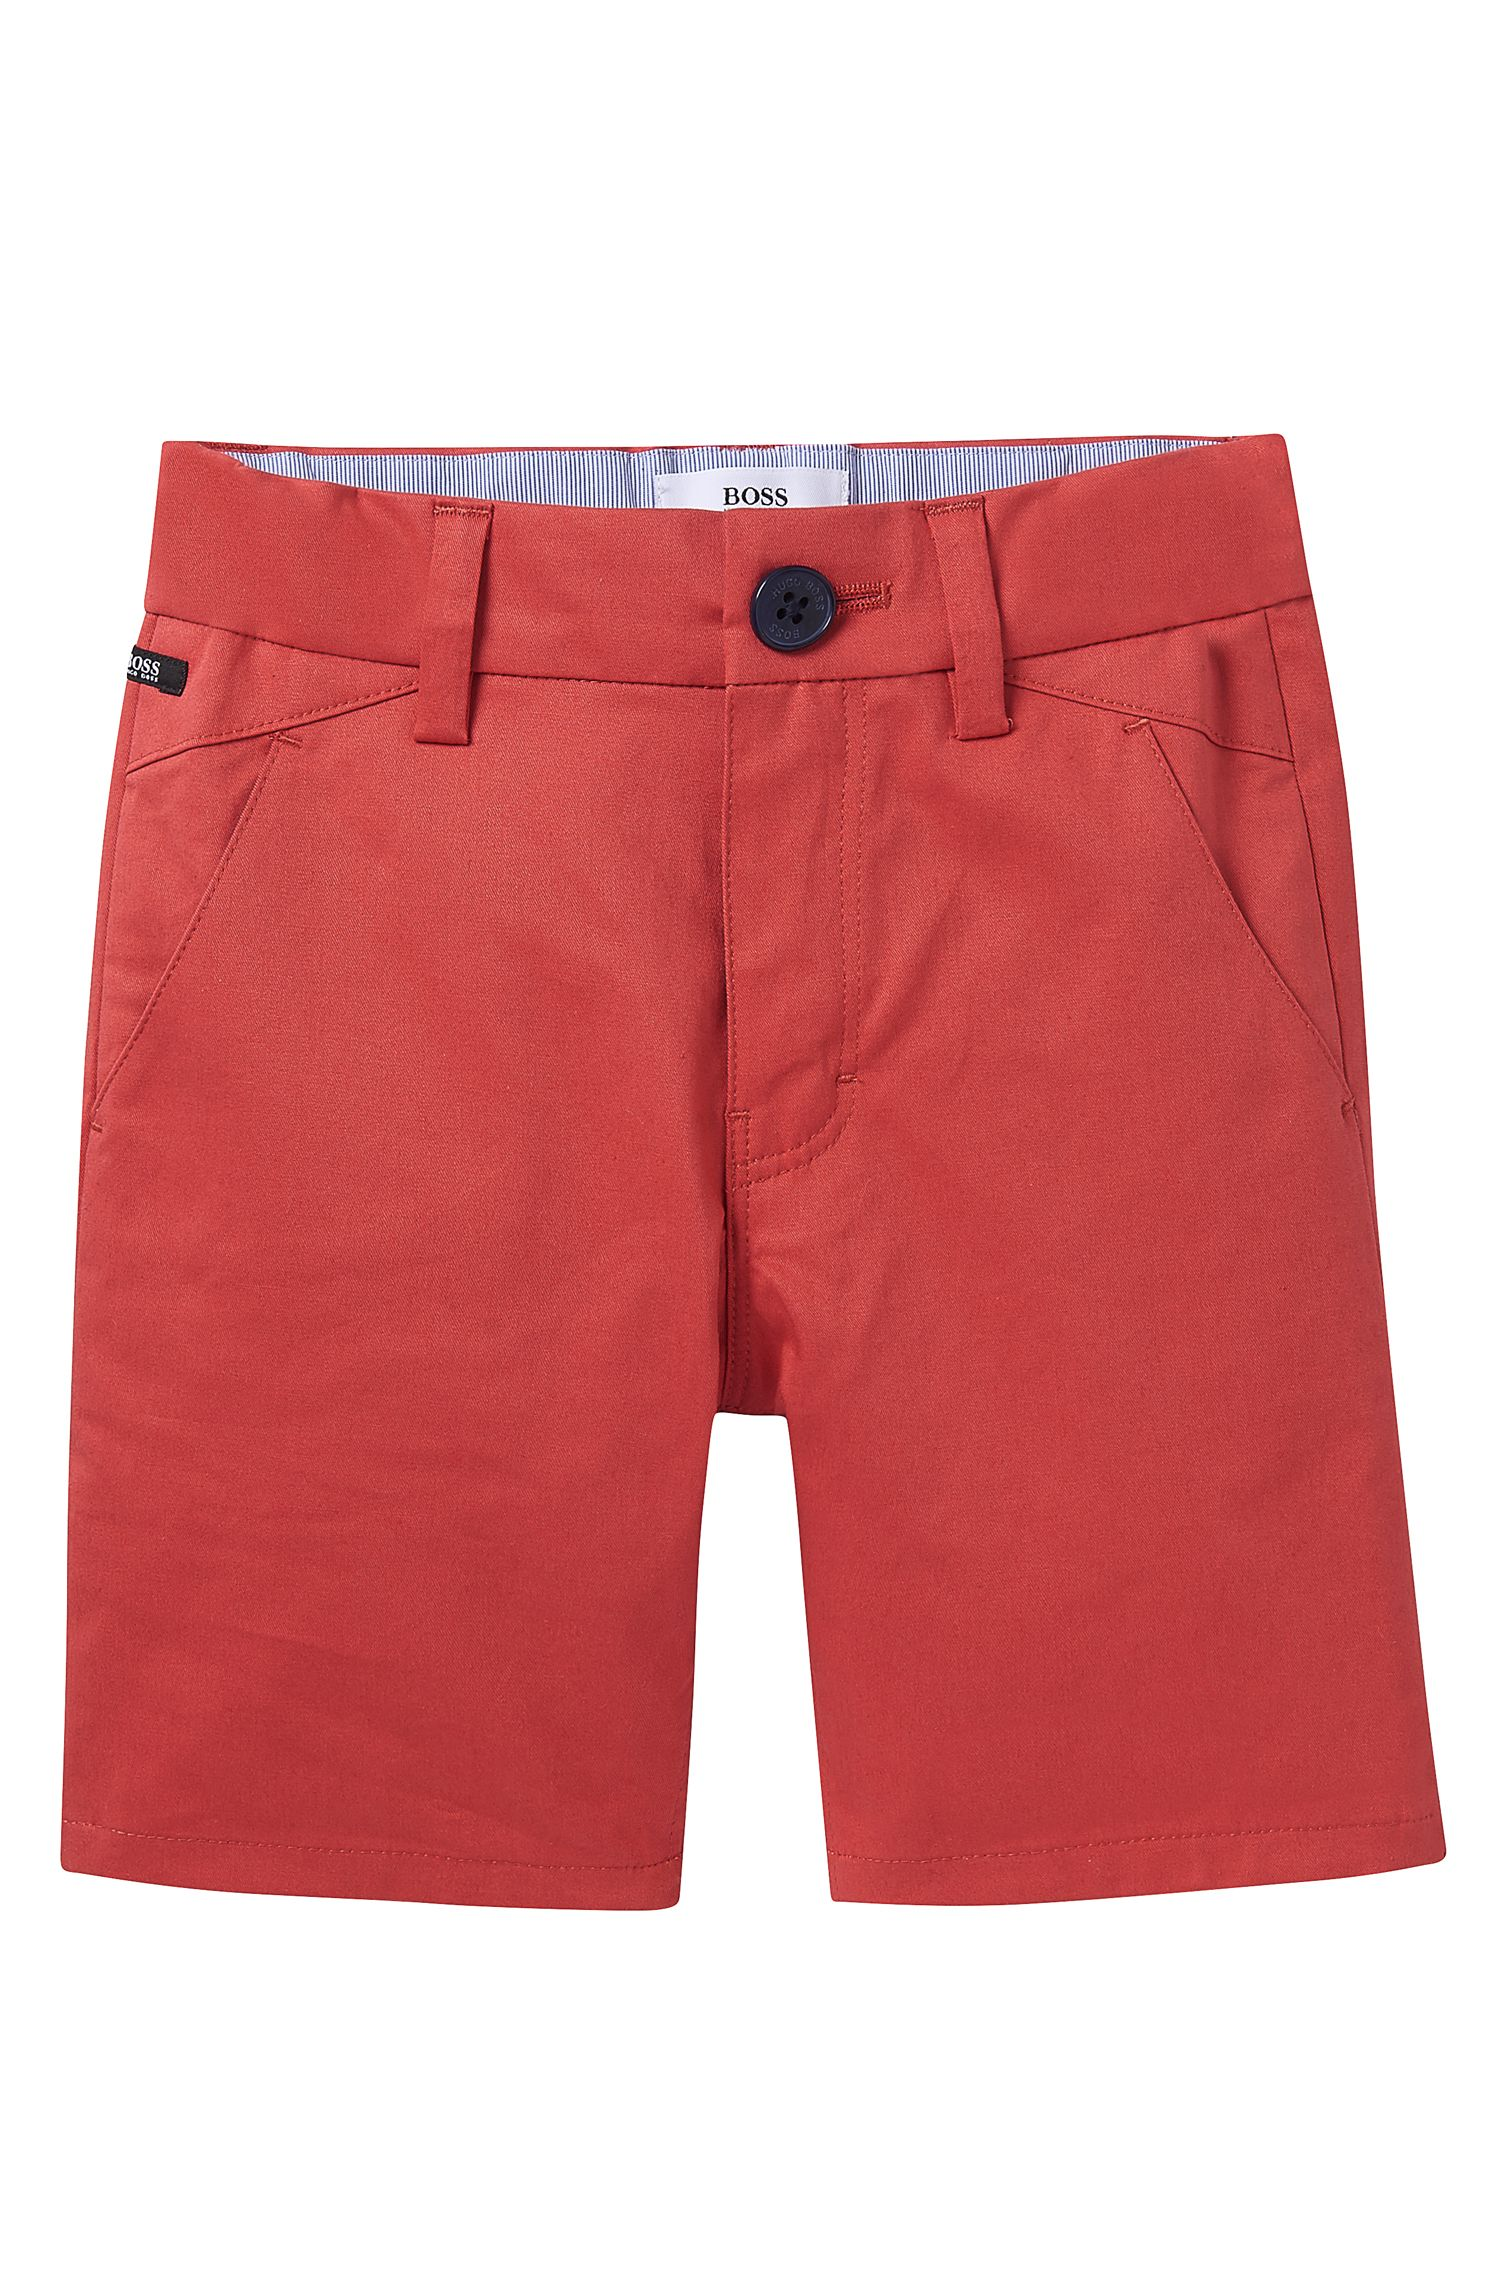 'J04221'   Toddler Cotton Satin Weave Shorts